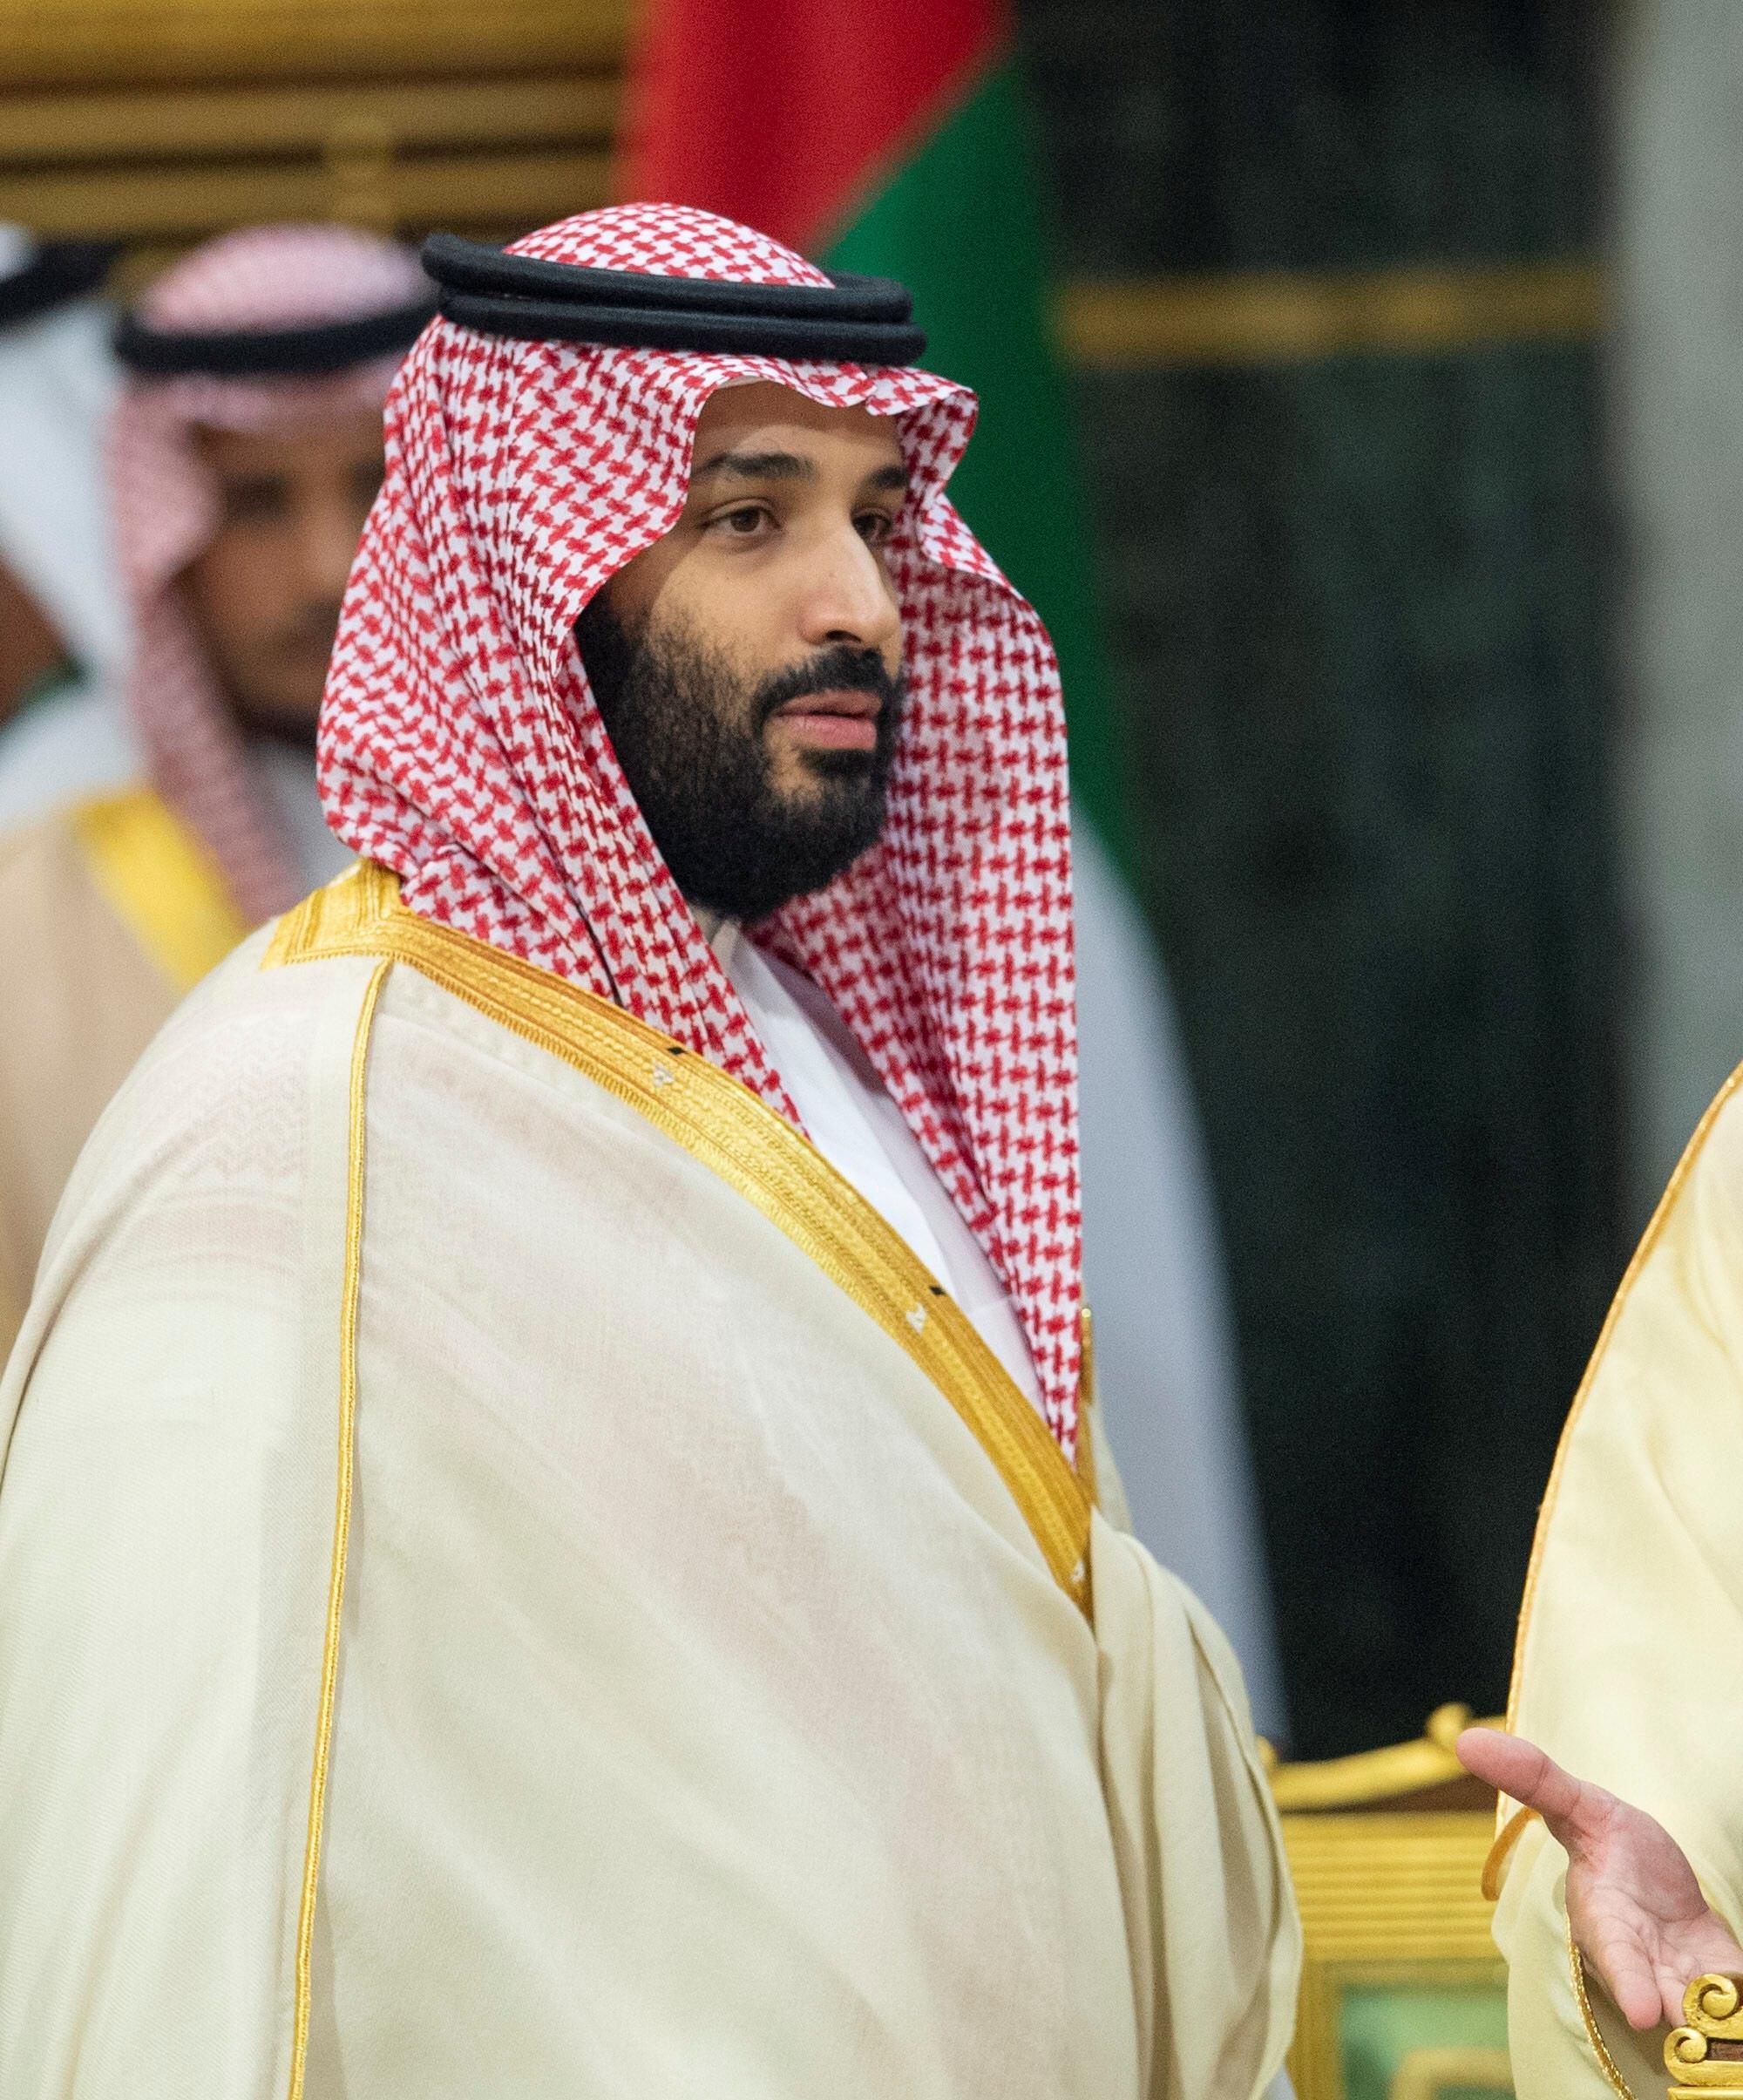 مجلس الشيوخ الأمريكي يوجه توبيخا تاريخيا لترامب بشأن السعودية